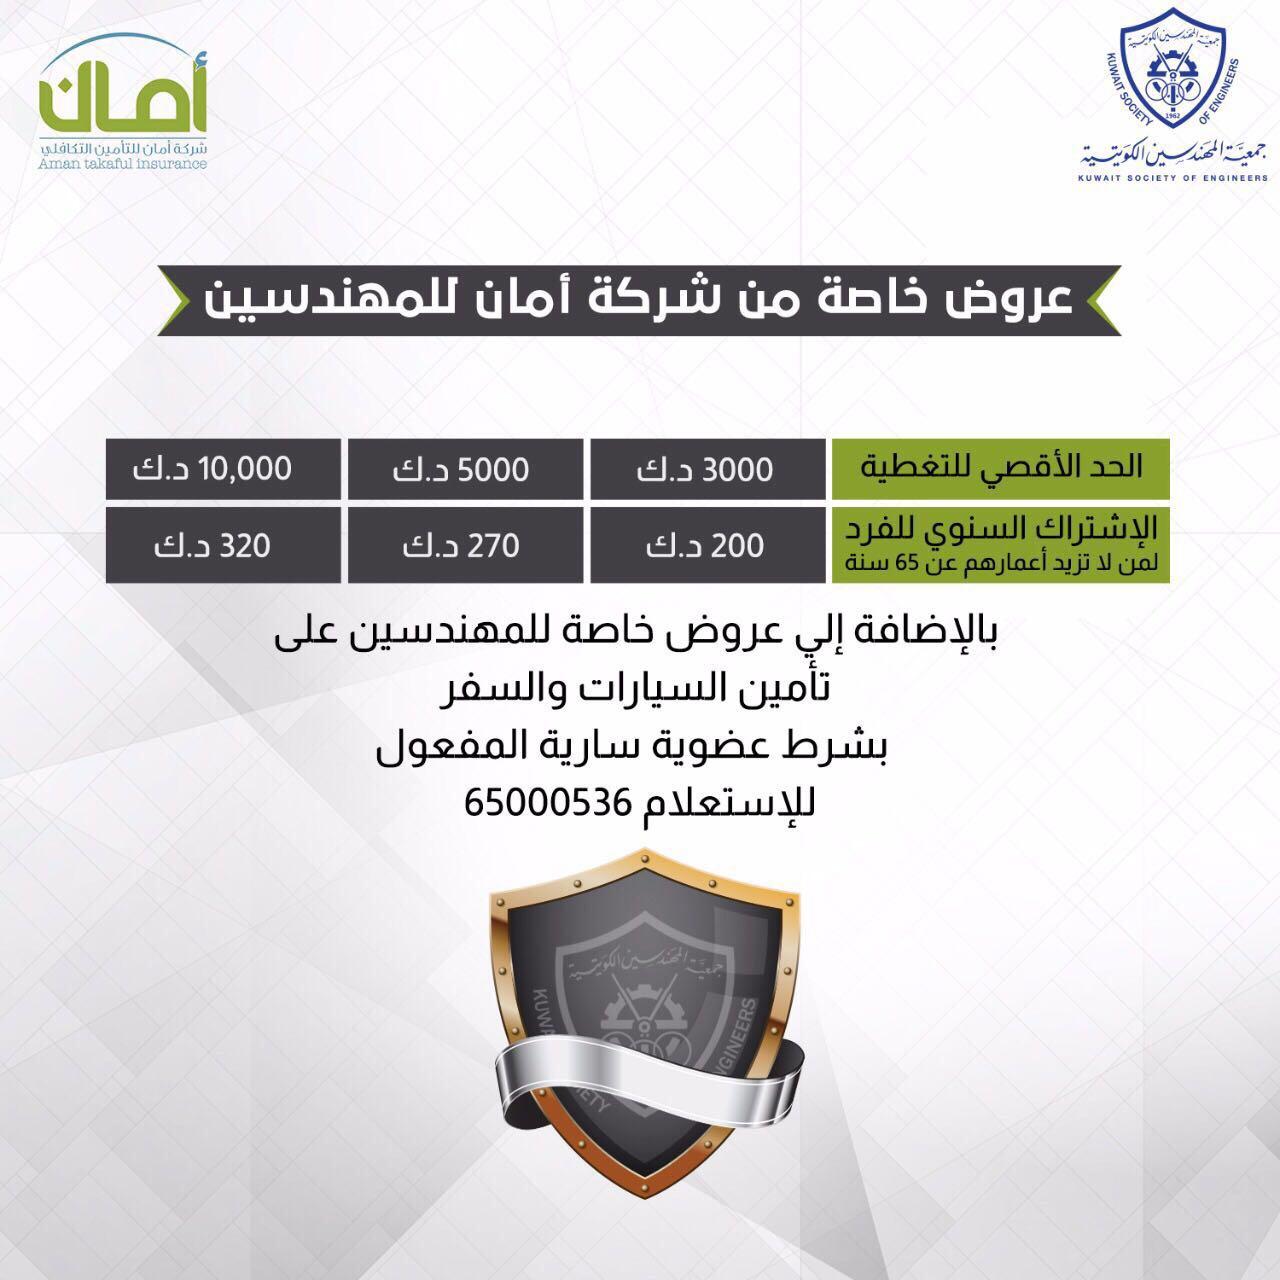 """أسعار خاصة من شركة """"أمان"""" لأعضاء جمعية المهندسين الكويتية"""